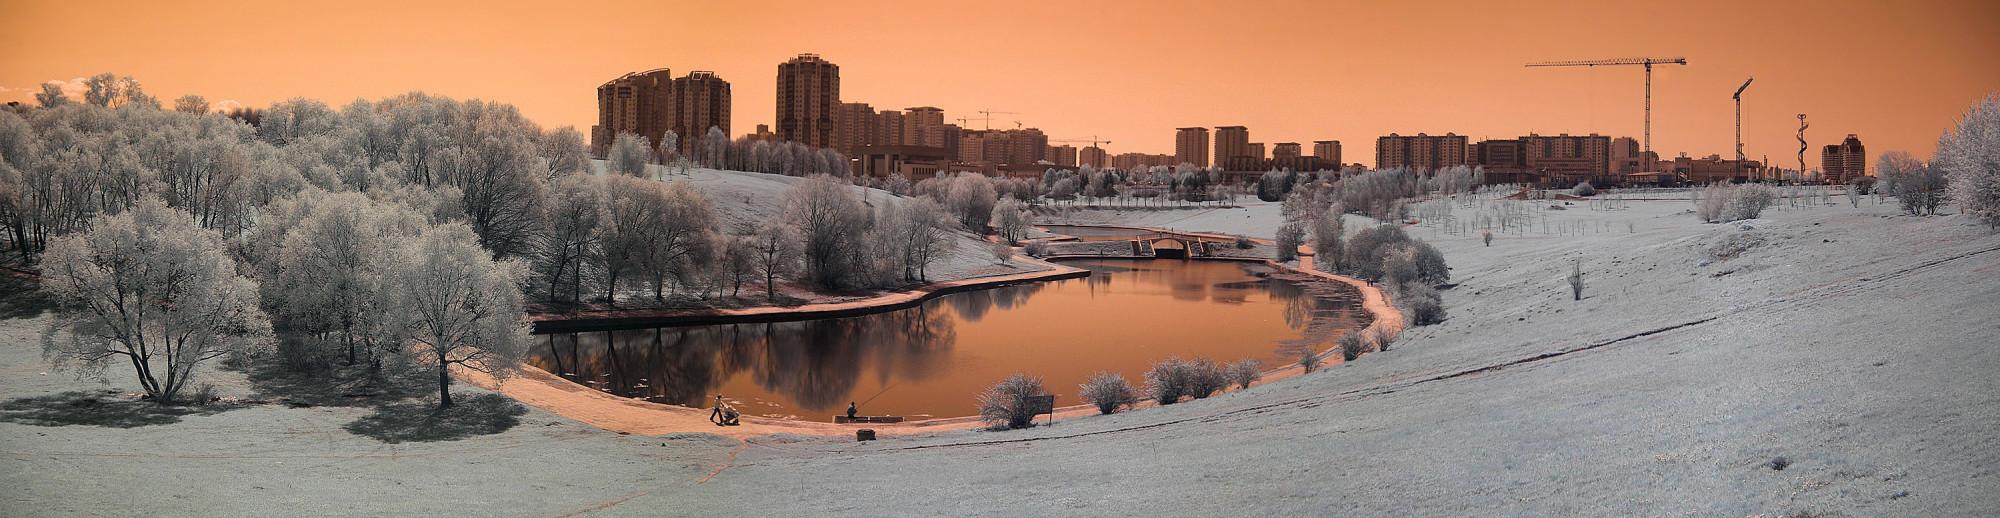 Парк олимпийской деревни зимой